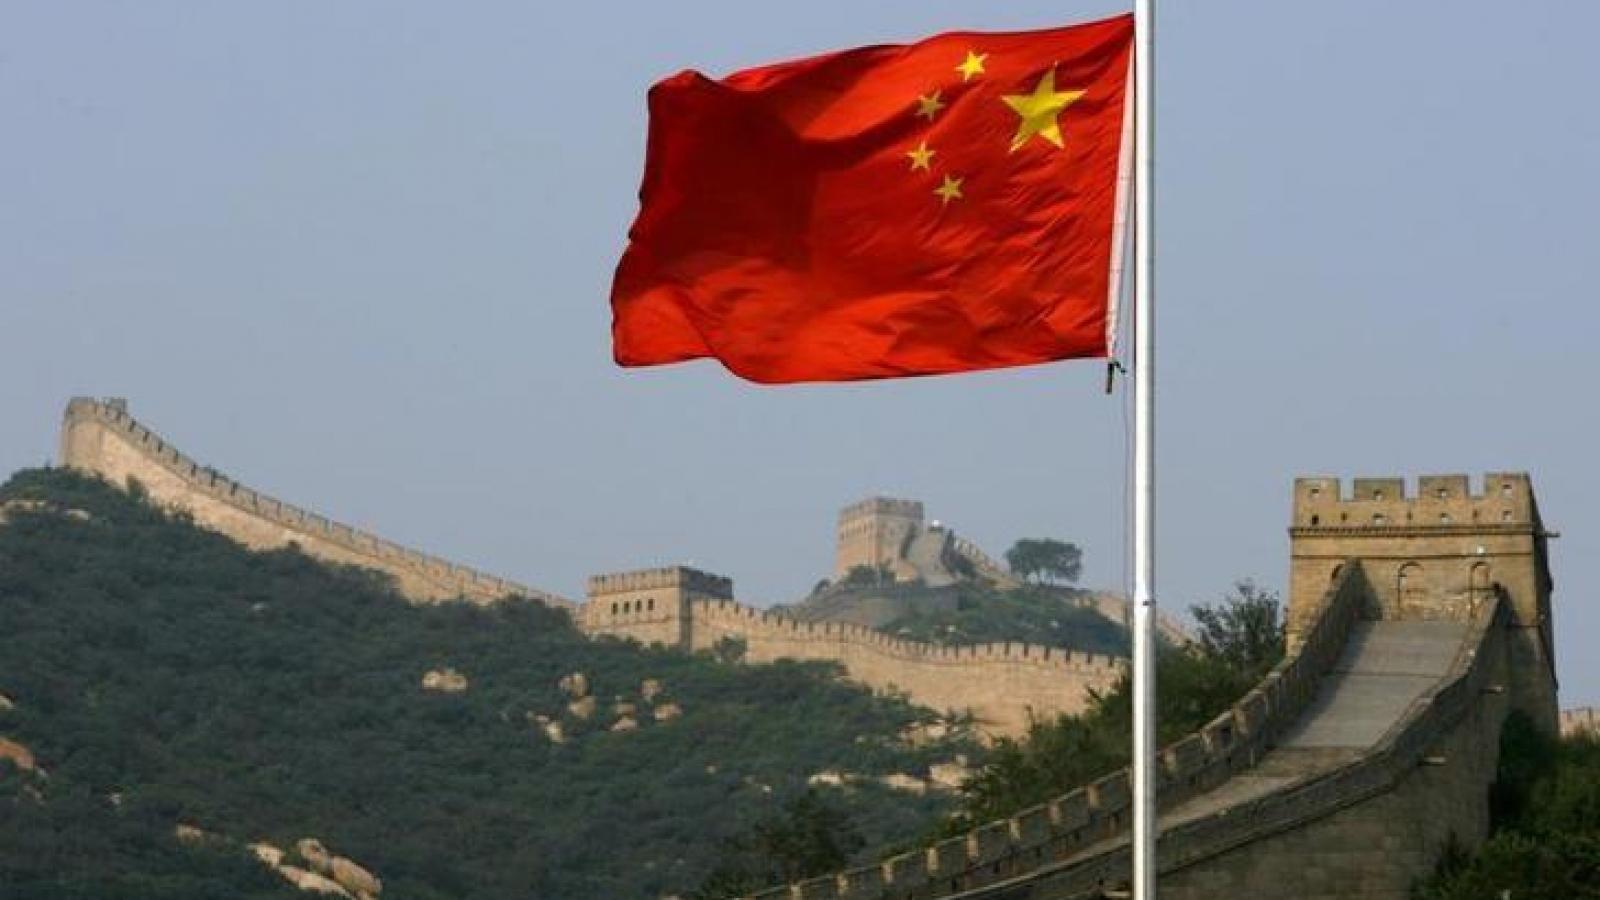 Ngoại trưởng Vương Nghị: Trung Quốc phản đối cường quyền và không sợ ép buộc